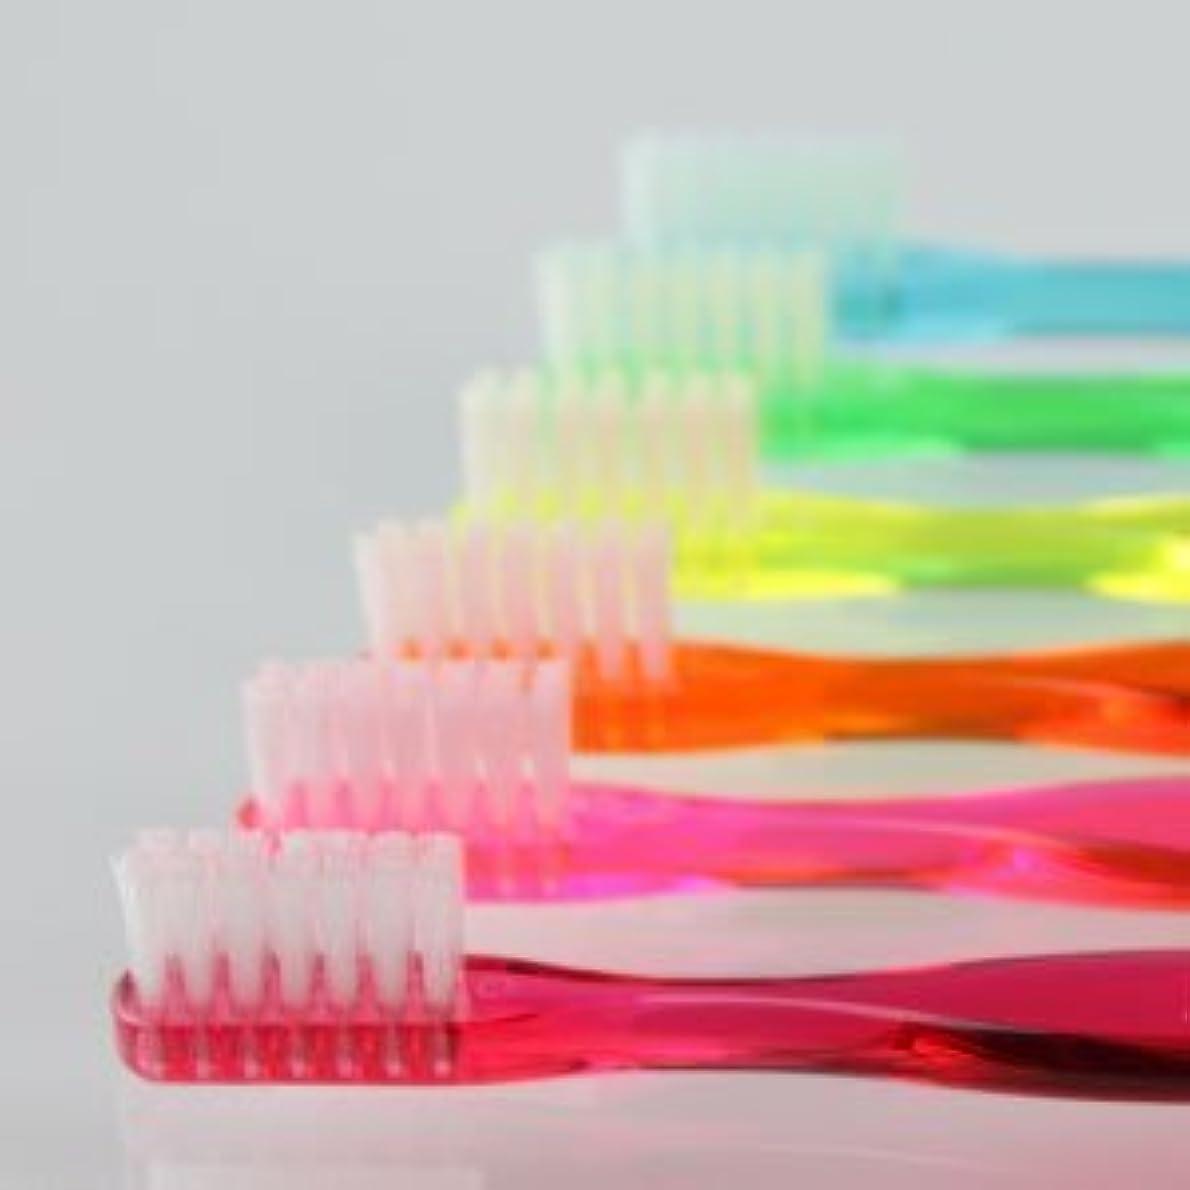 葬儀リー仕出しますサムフレンド 歯ブラシ #20(ミニ) 6本 ※お色は当店お任せです